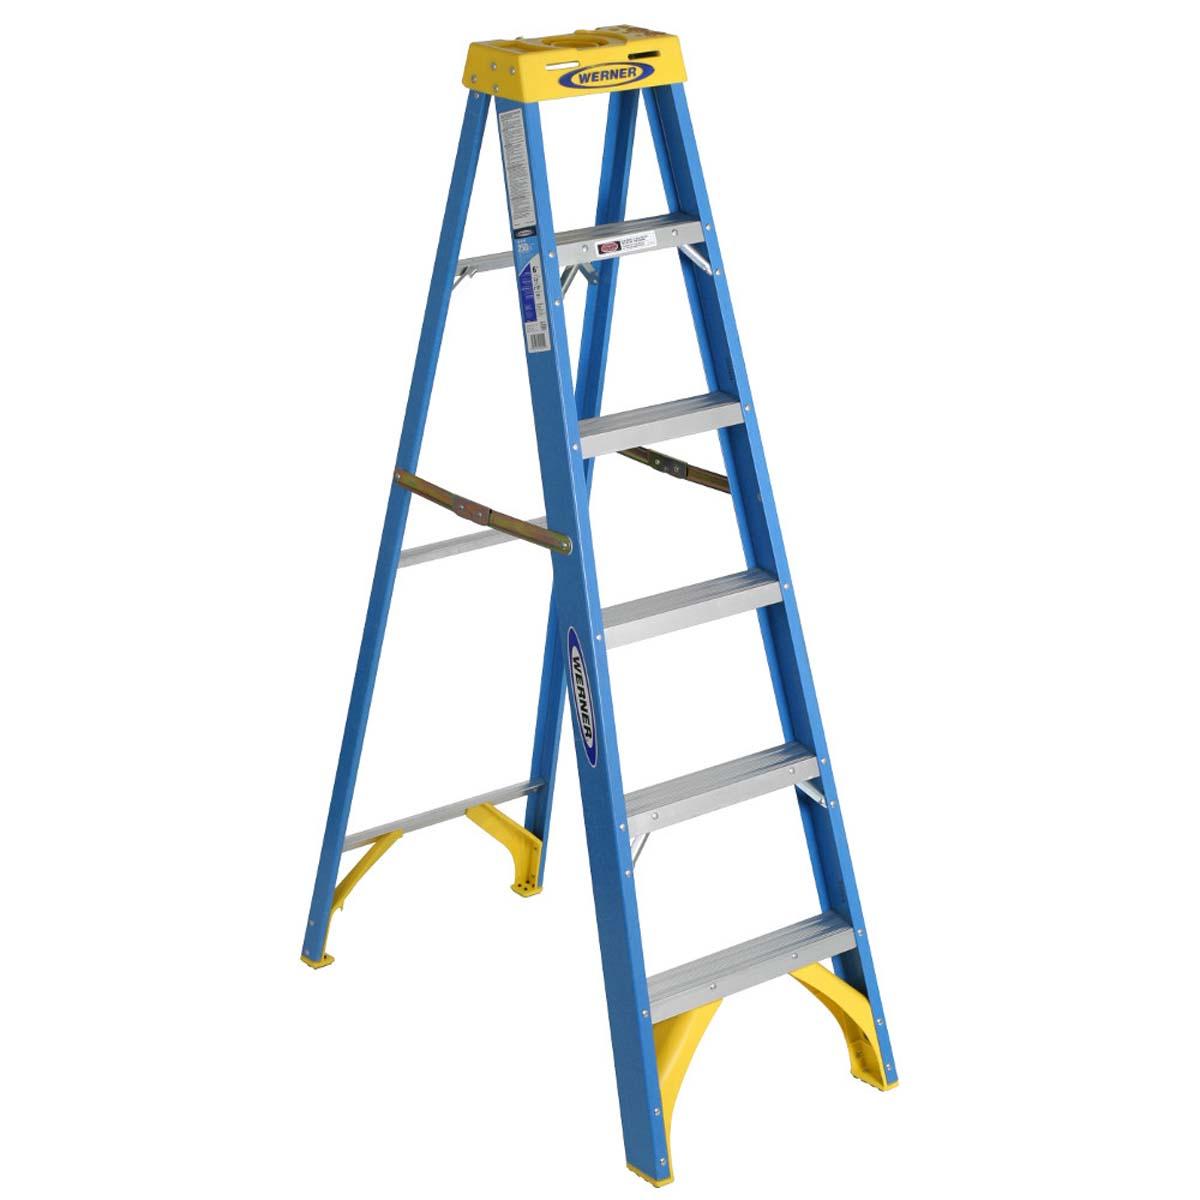 werner step ladders